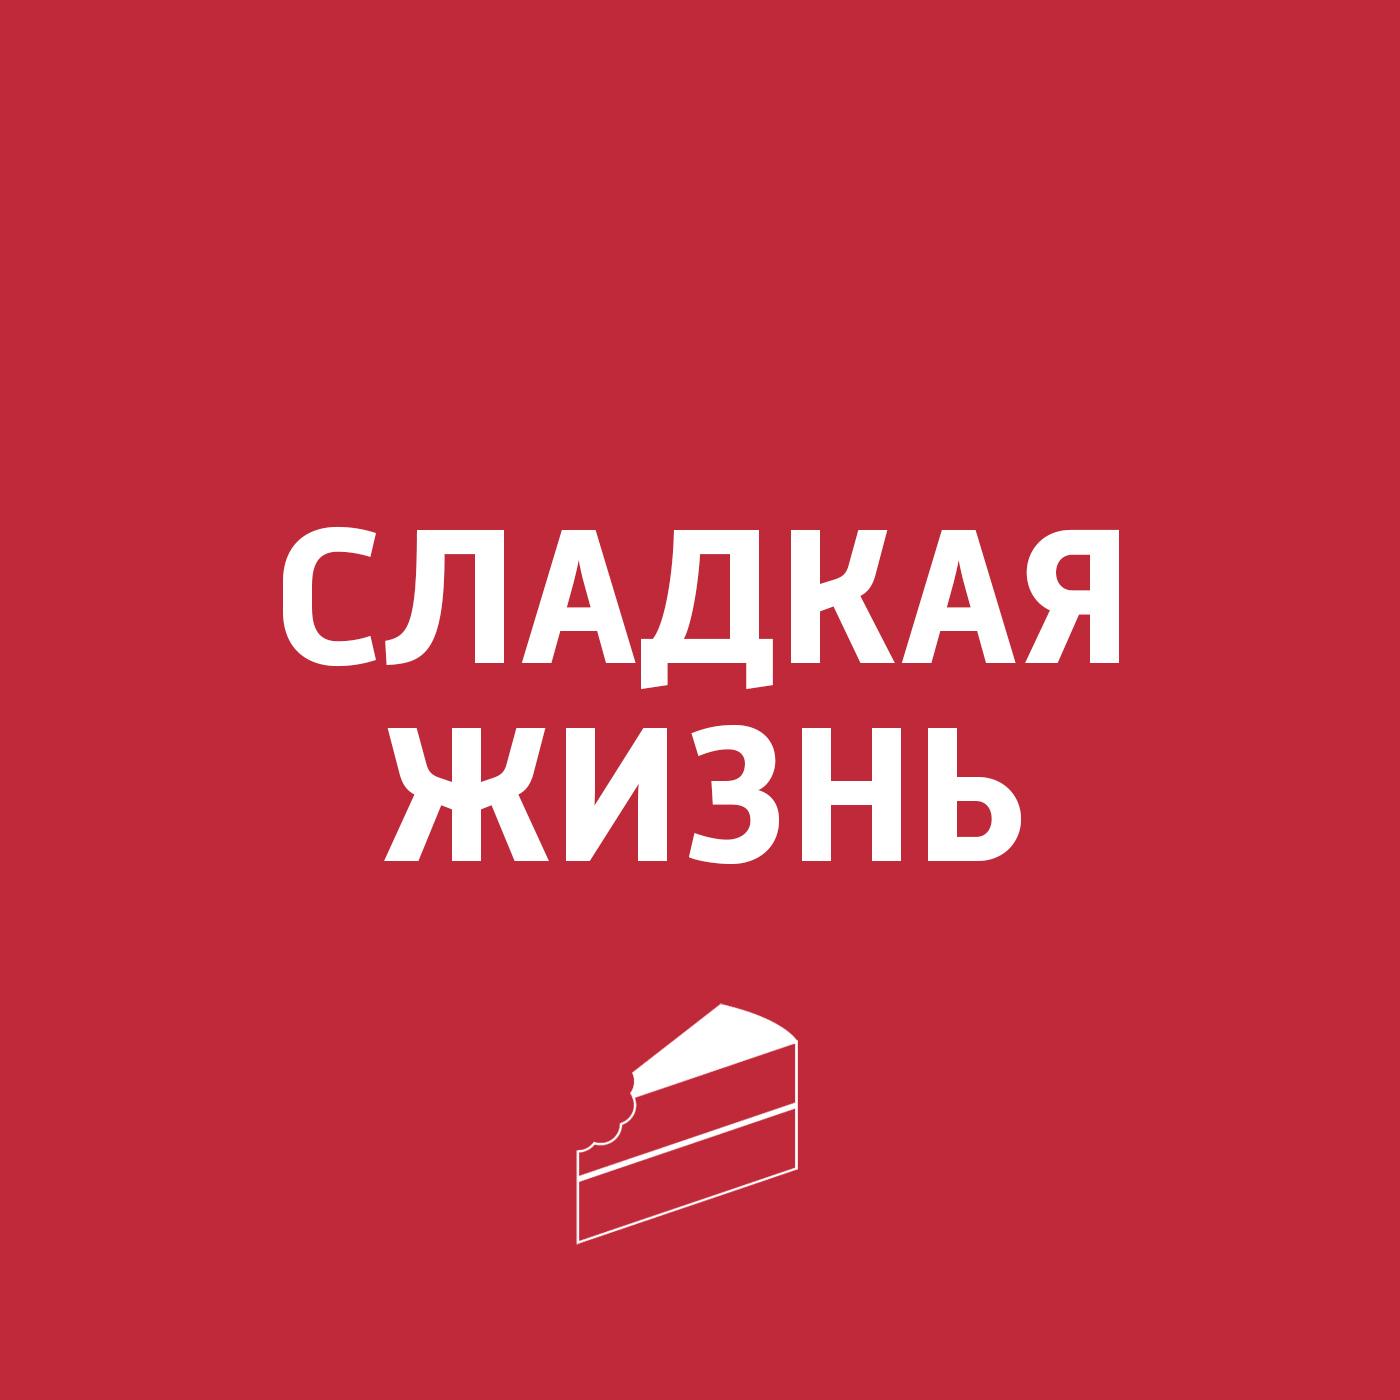 Картаев Павел Хворост корзина для жарки во фритюре и бланширования fissman диаметр 23 см